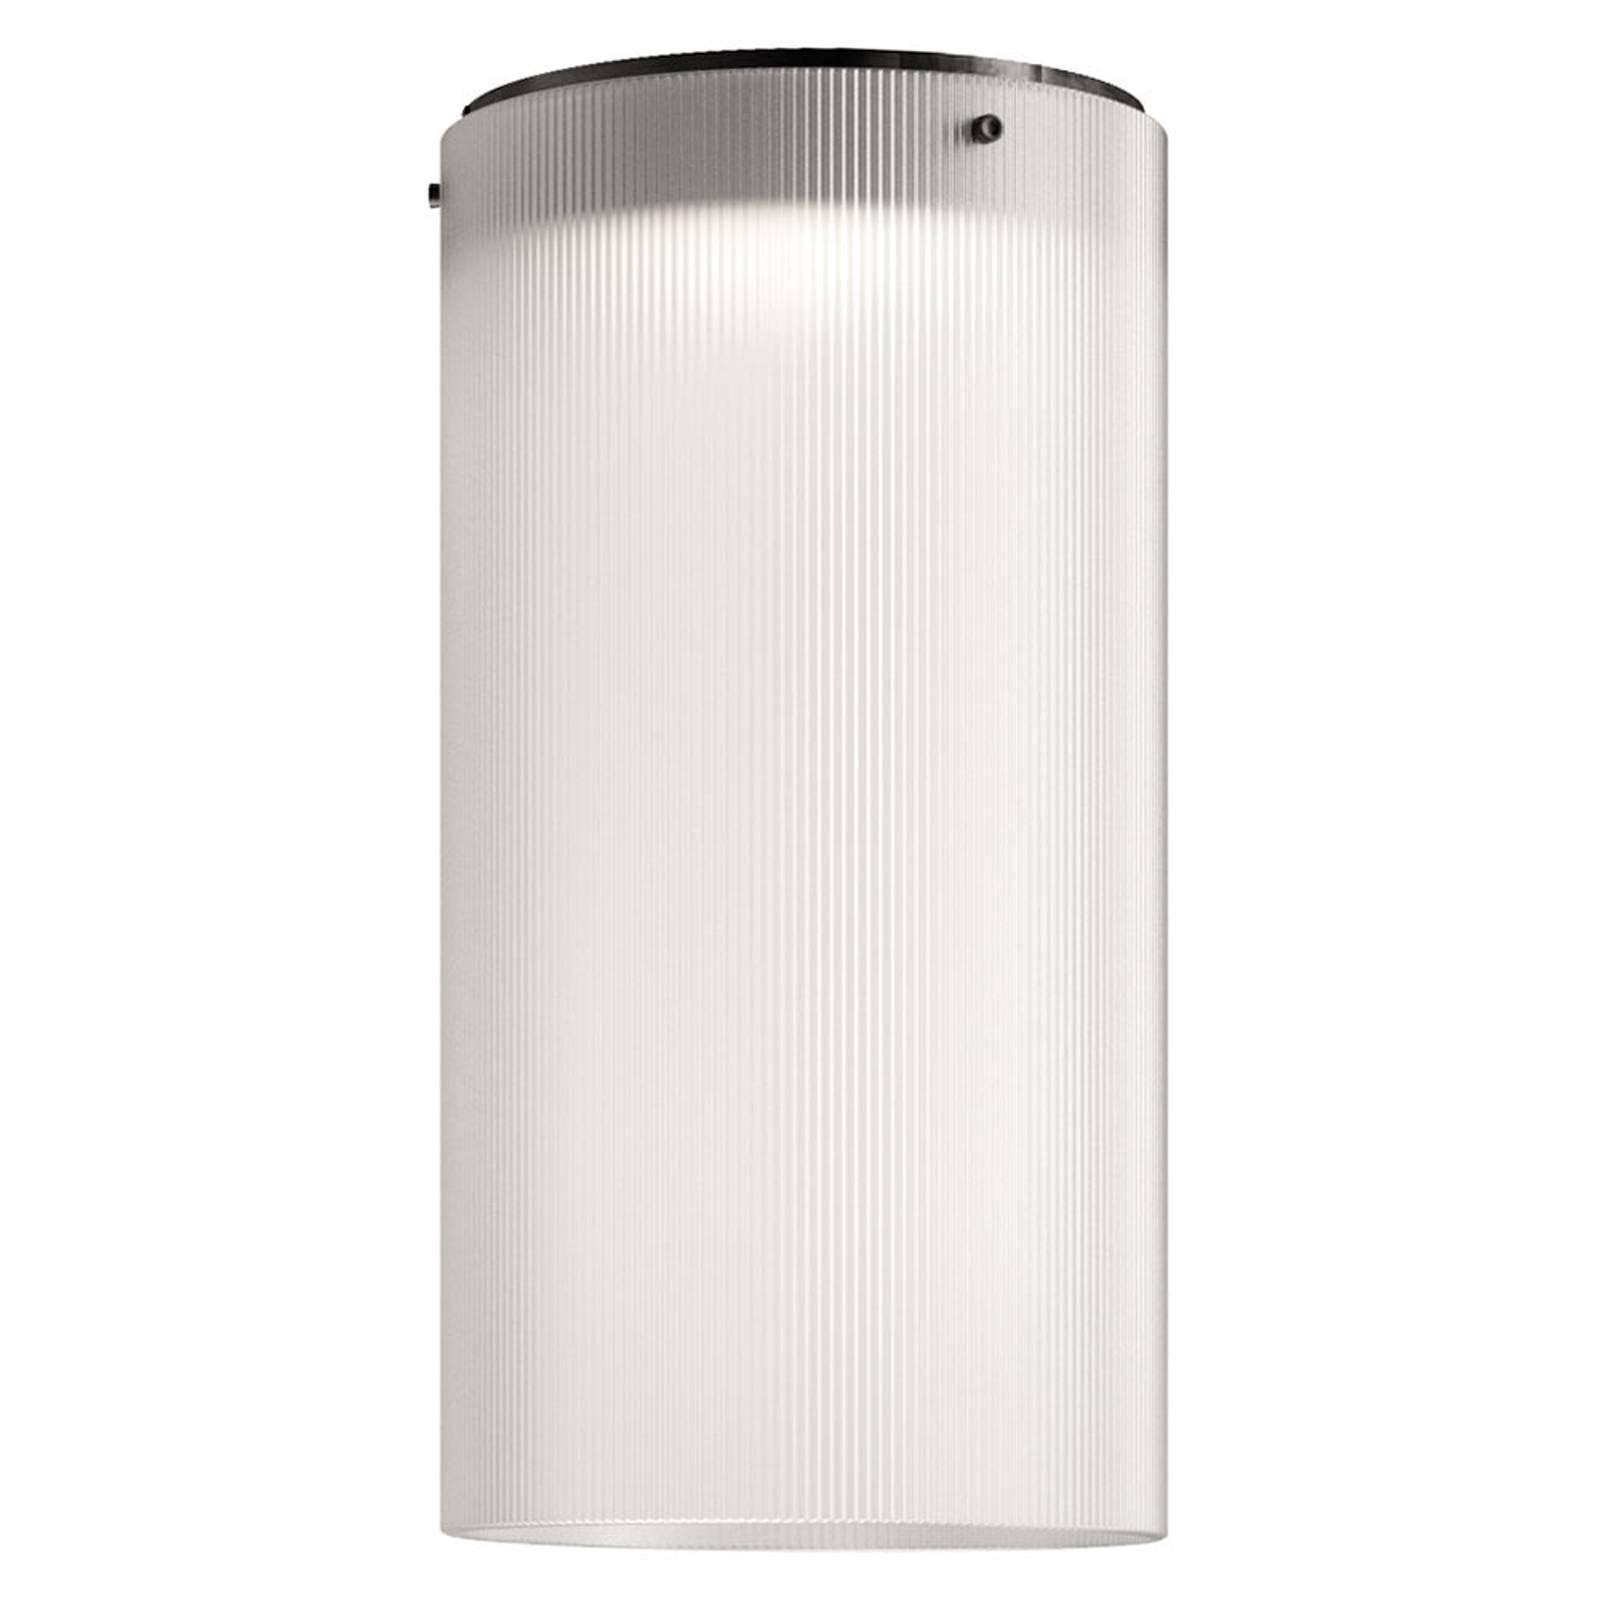 Kundalini Giass - LED-Deckenleuchte, Ø 25 cm, weiß